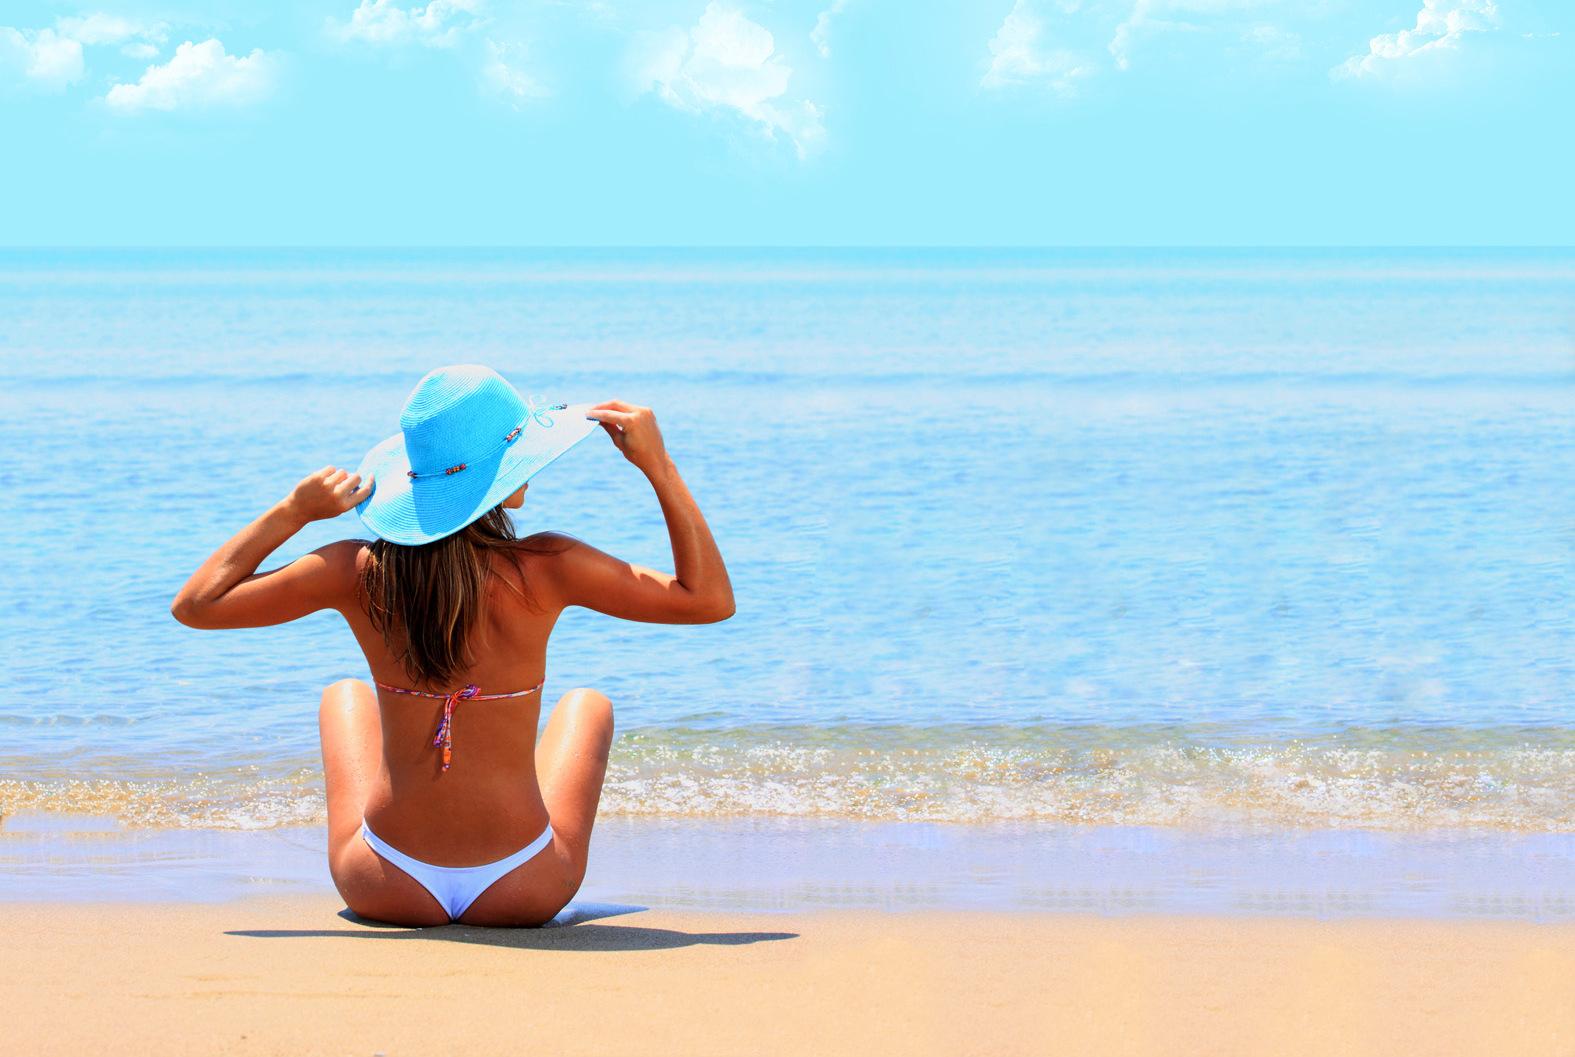 dicas para guardar seus pertences com segurança quando estiver sozinho na praia Aberbeach sungas de praia